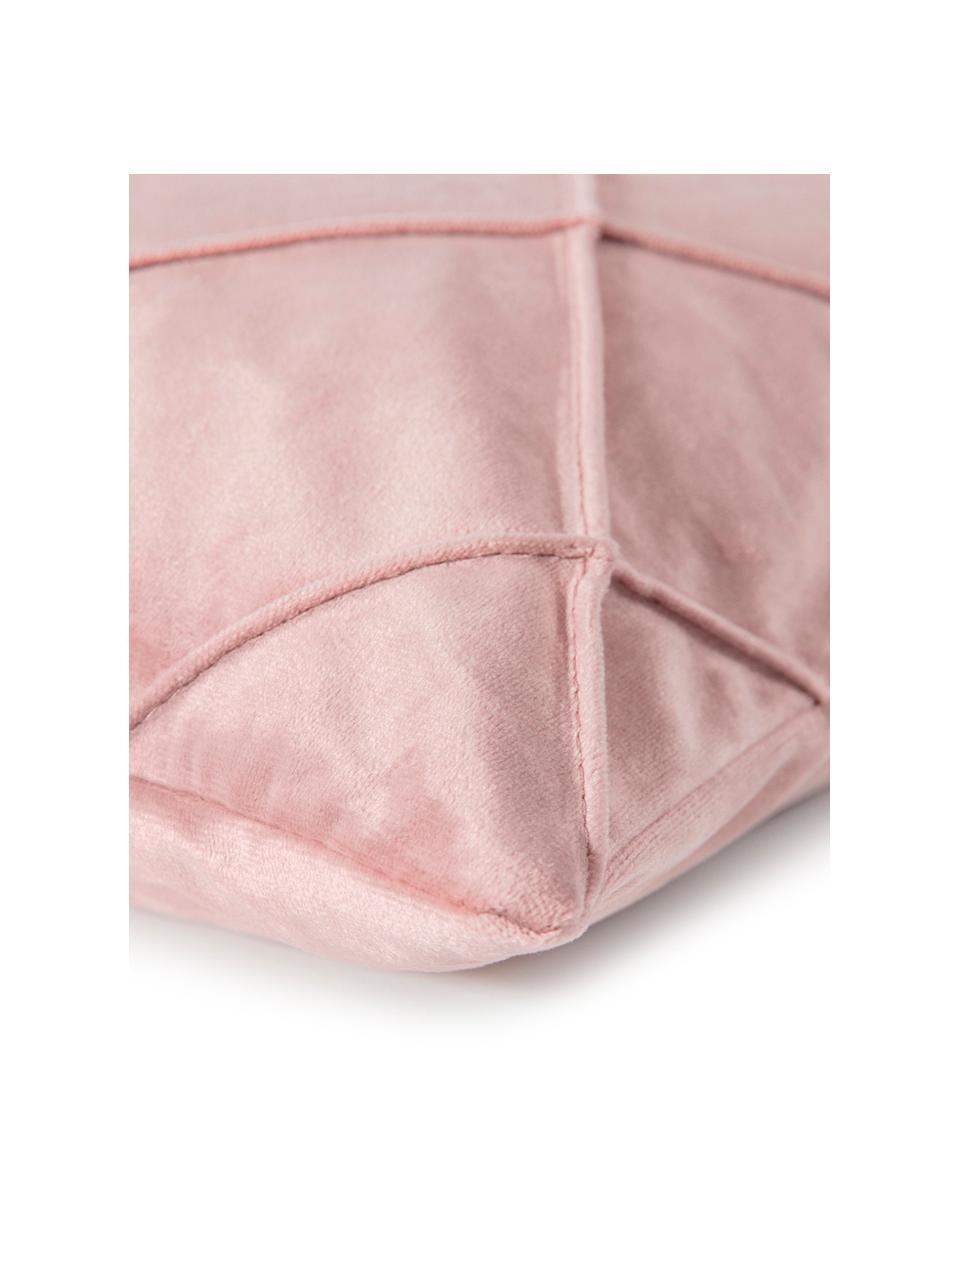 Federa arredo in velluto con motivo a rombi Nobless, 100% velluto di poliestere, Rosa cipria, Larg. 40 x Lung. 40 cm